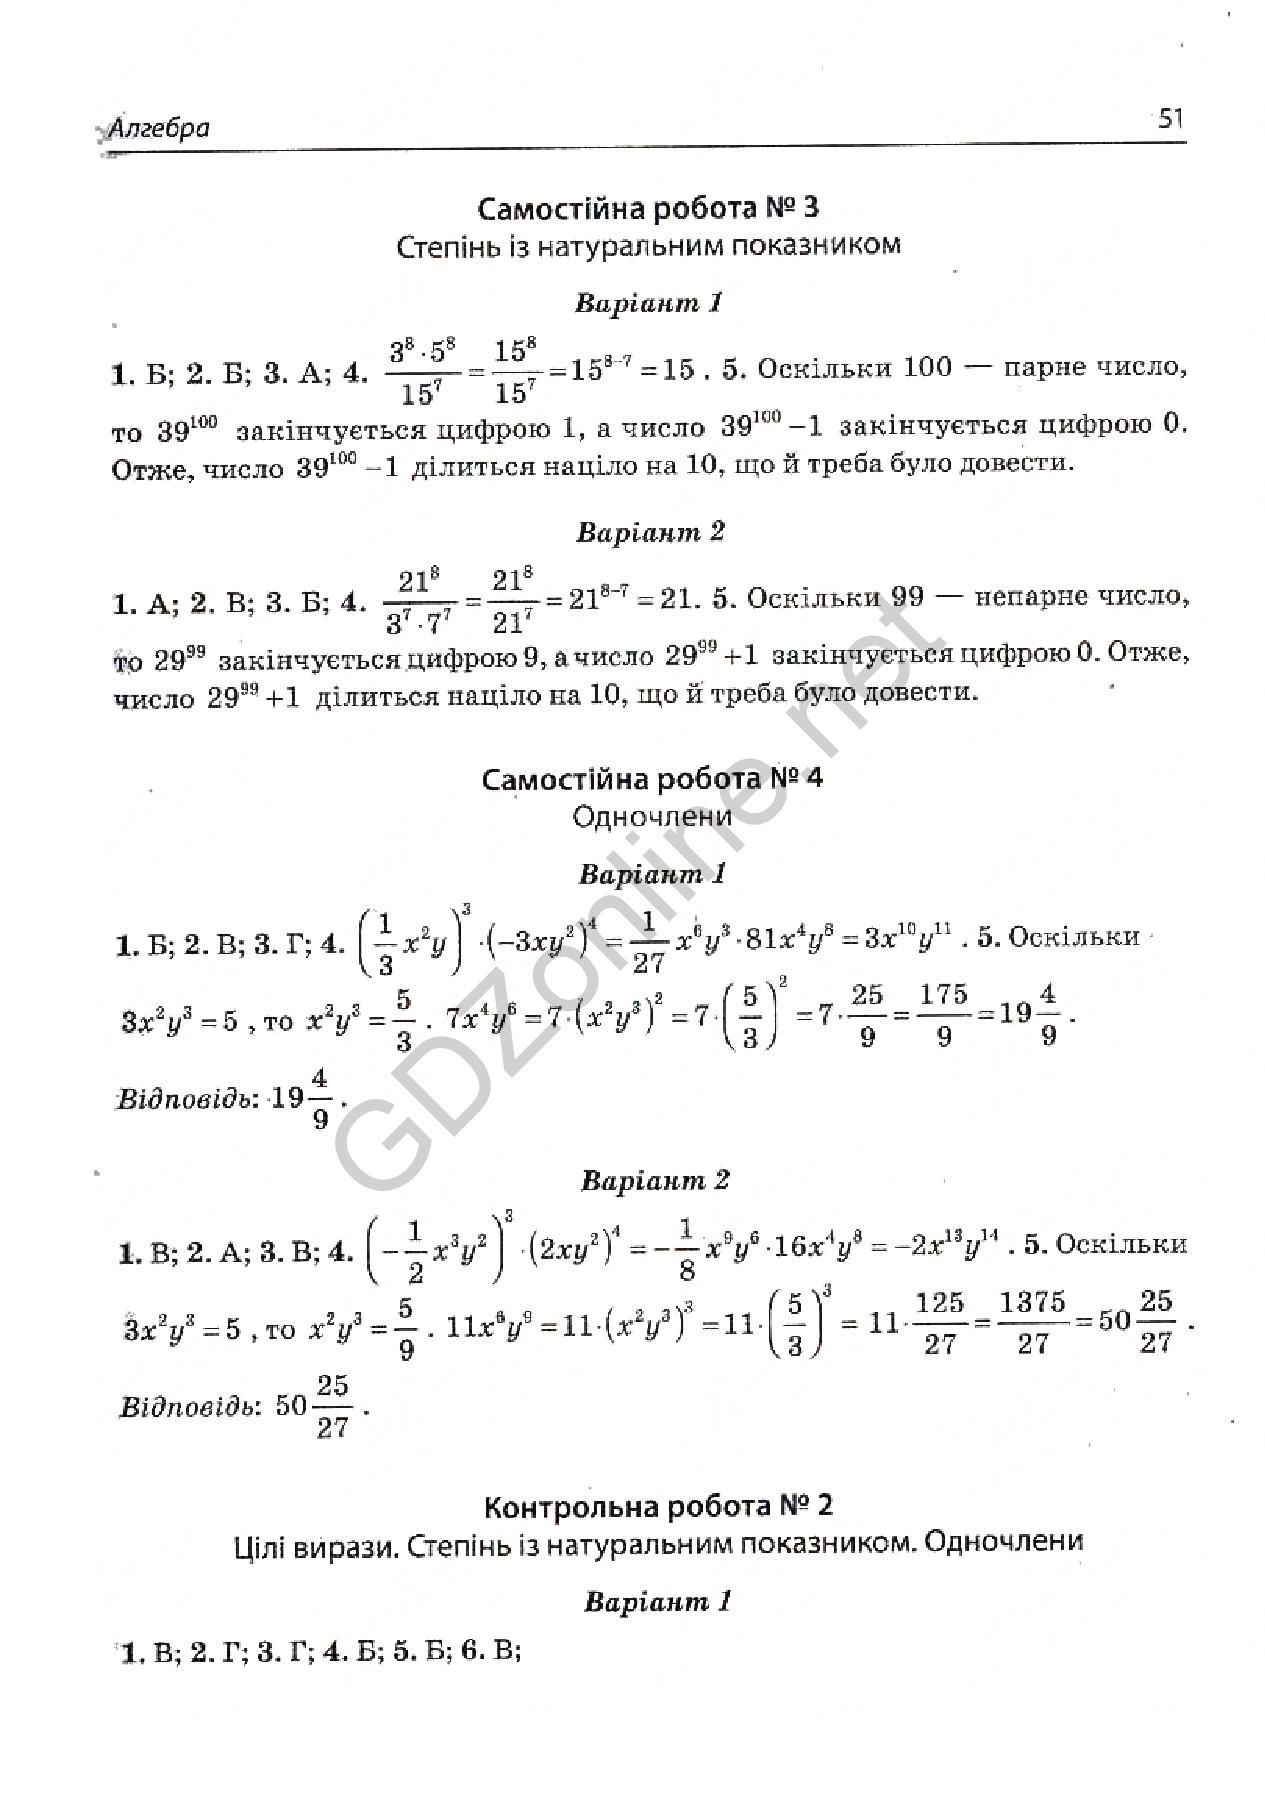 Тест контроль алгебра та геометрія 7